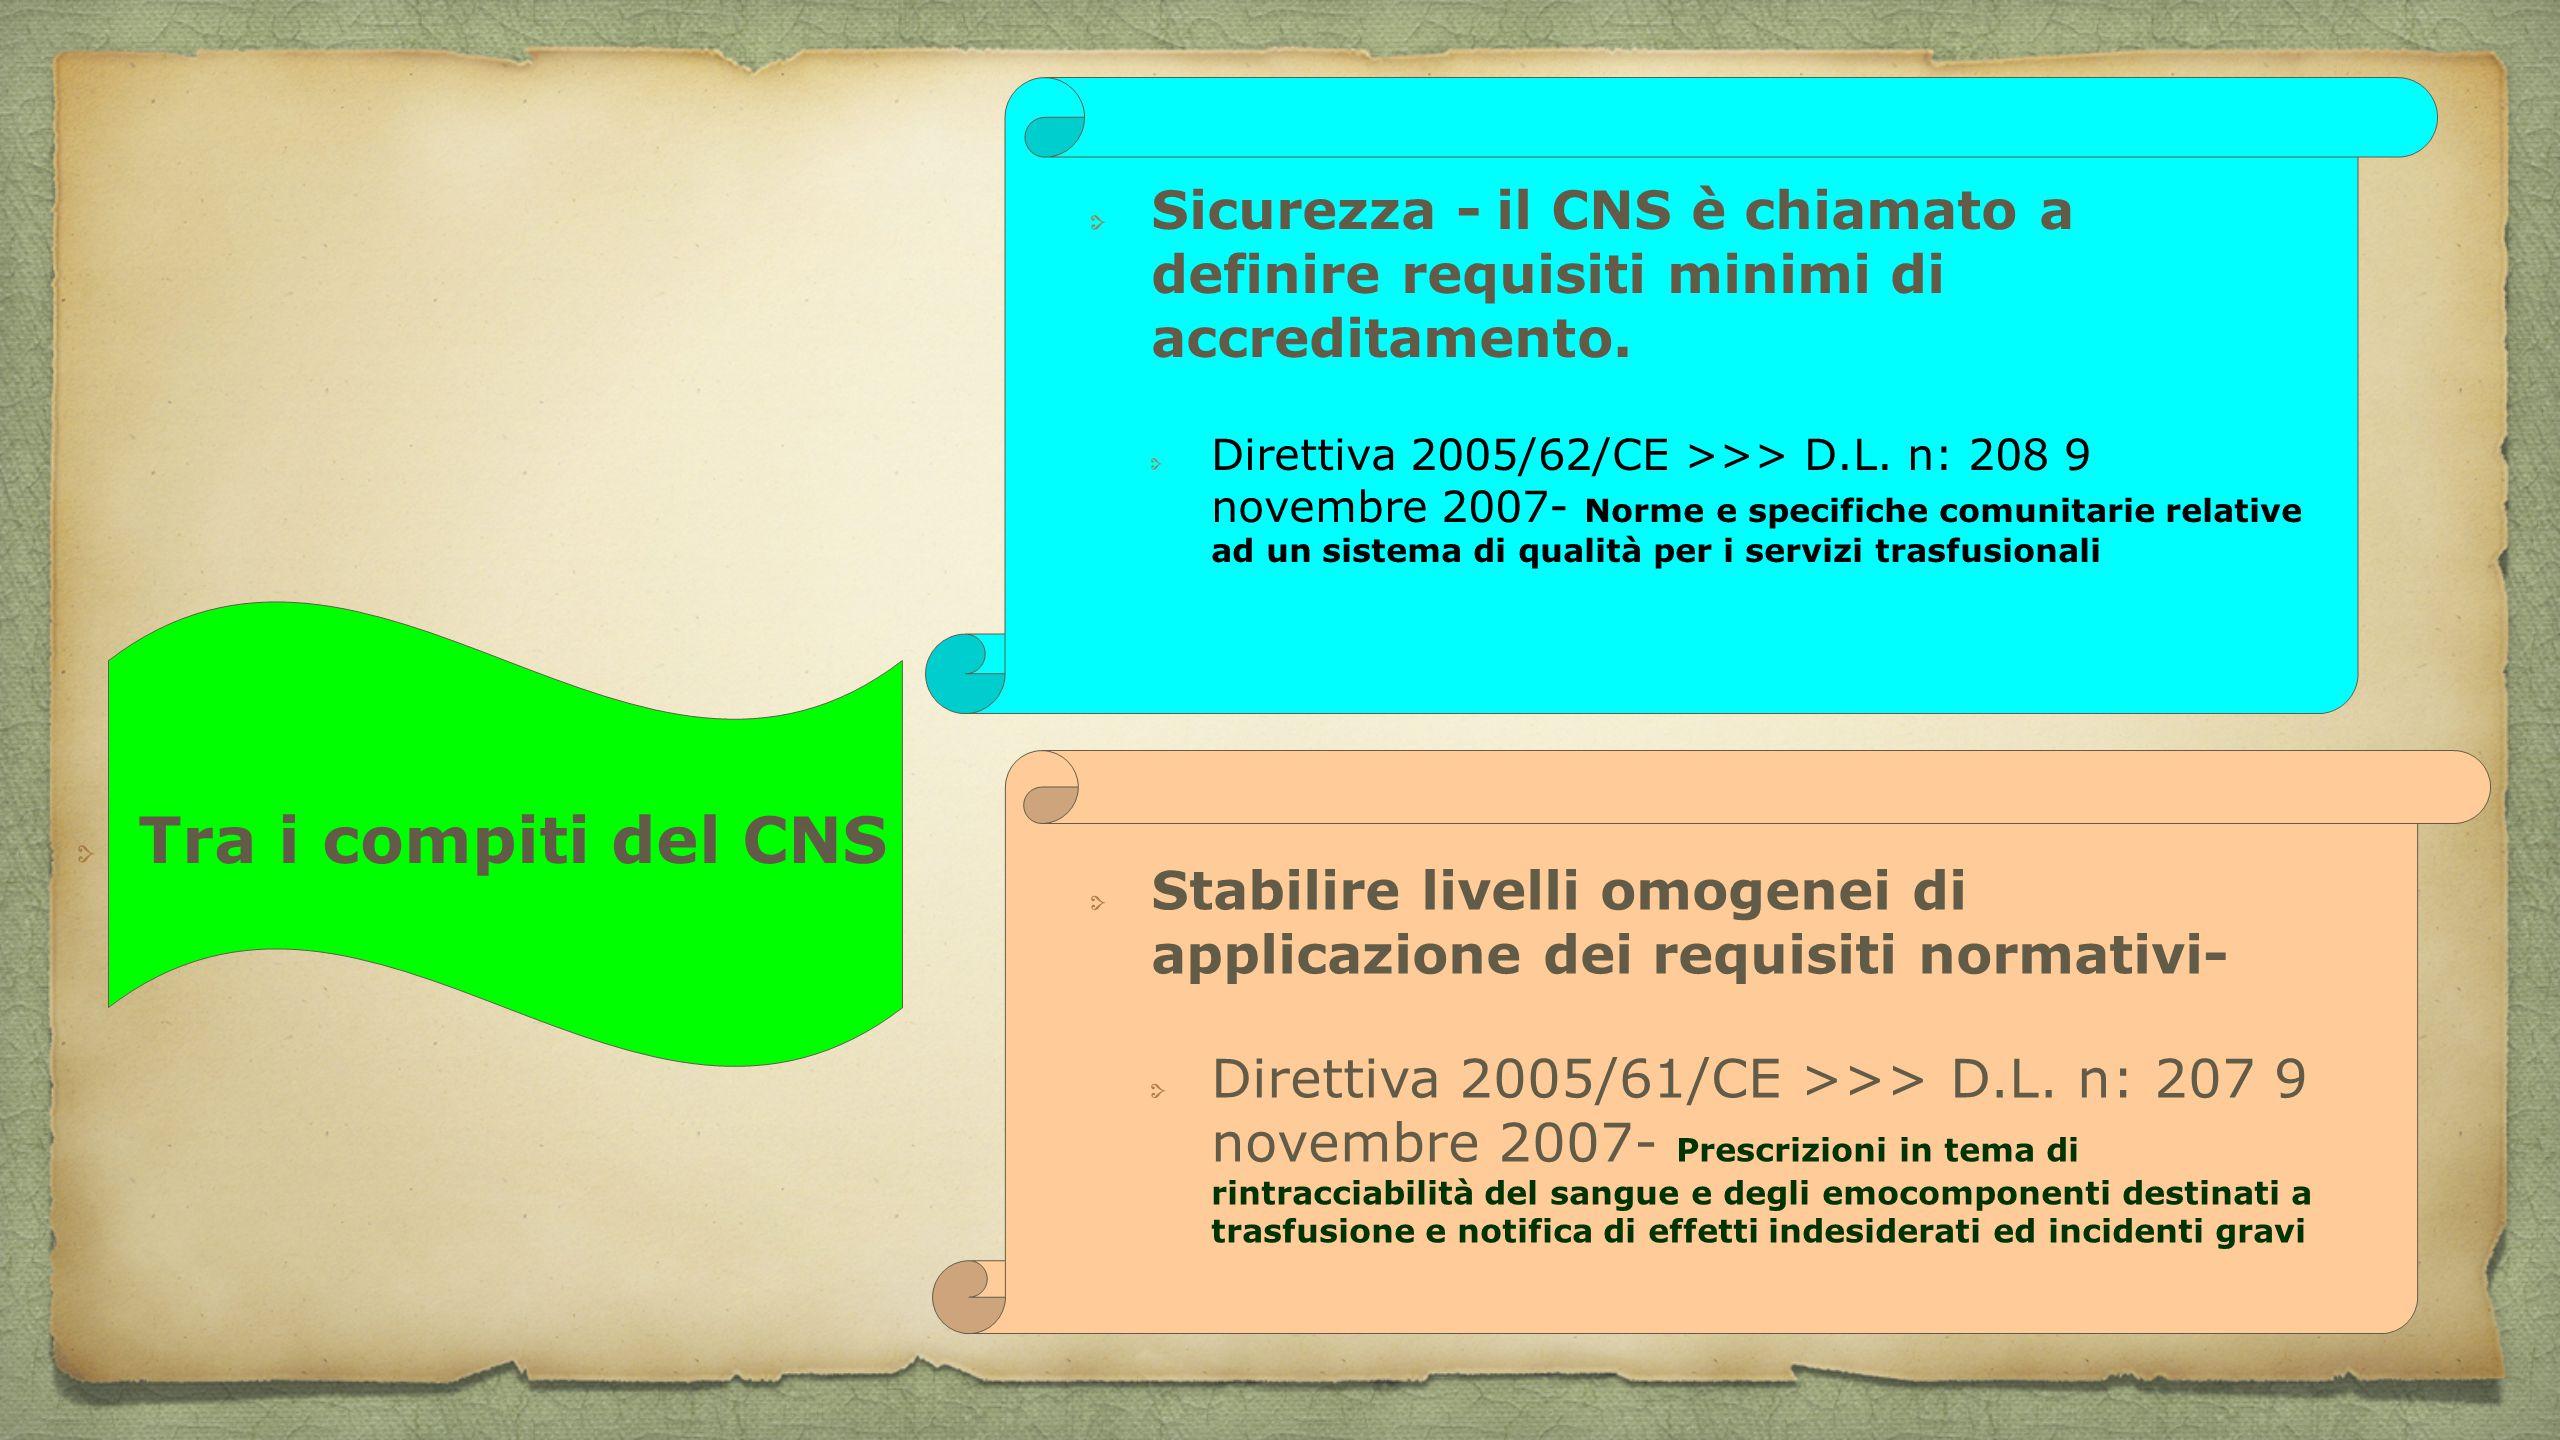 Tra i compiti del CNS Sicurezza - il CNS è chiamato a definire requisiti minimi di accreditamento. Direttiva 2005/62/CE >>> D.L. n: 208 9 novembre 200